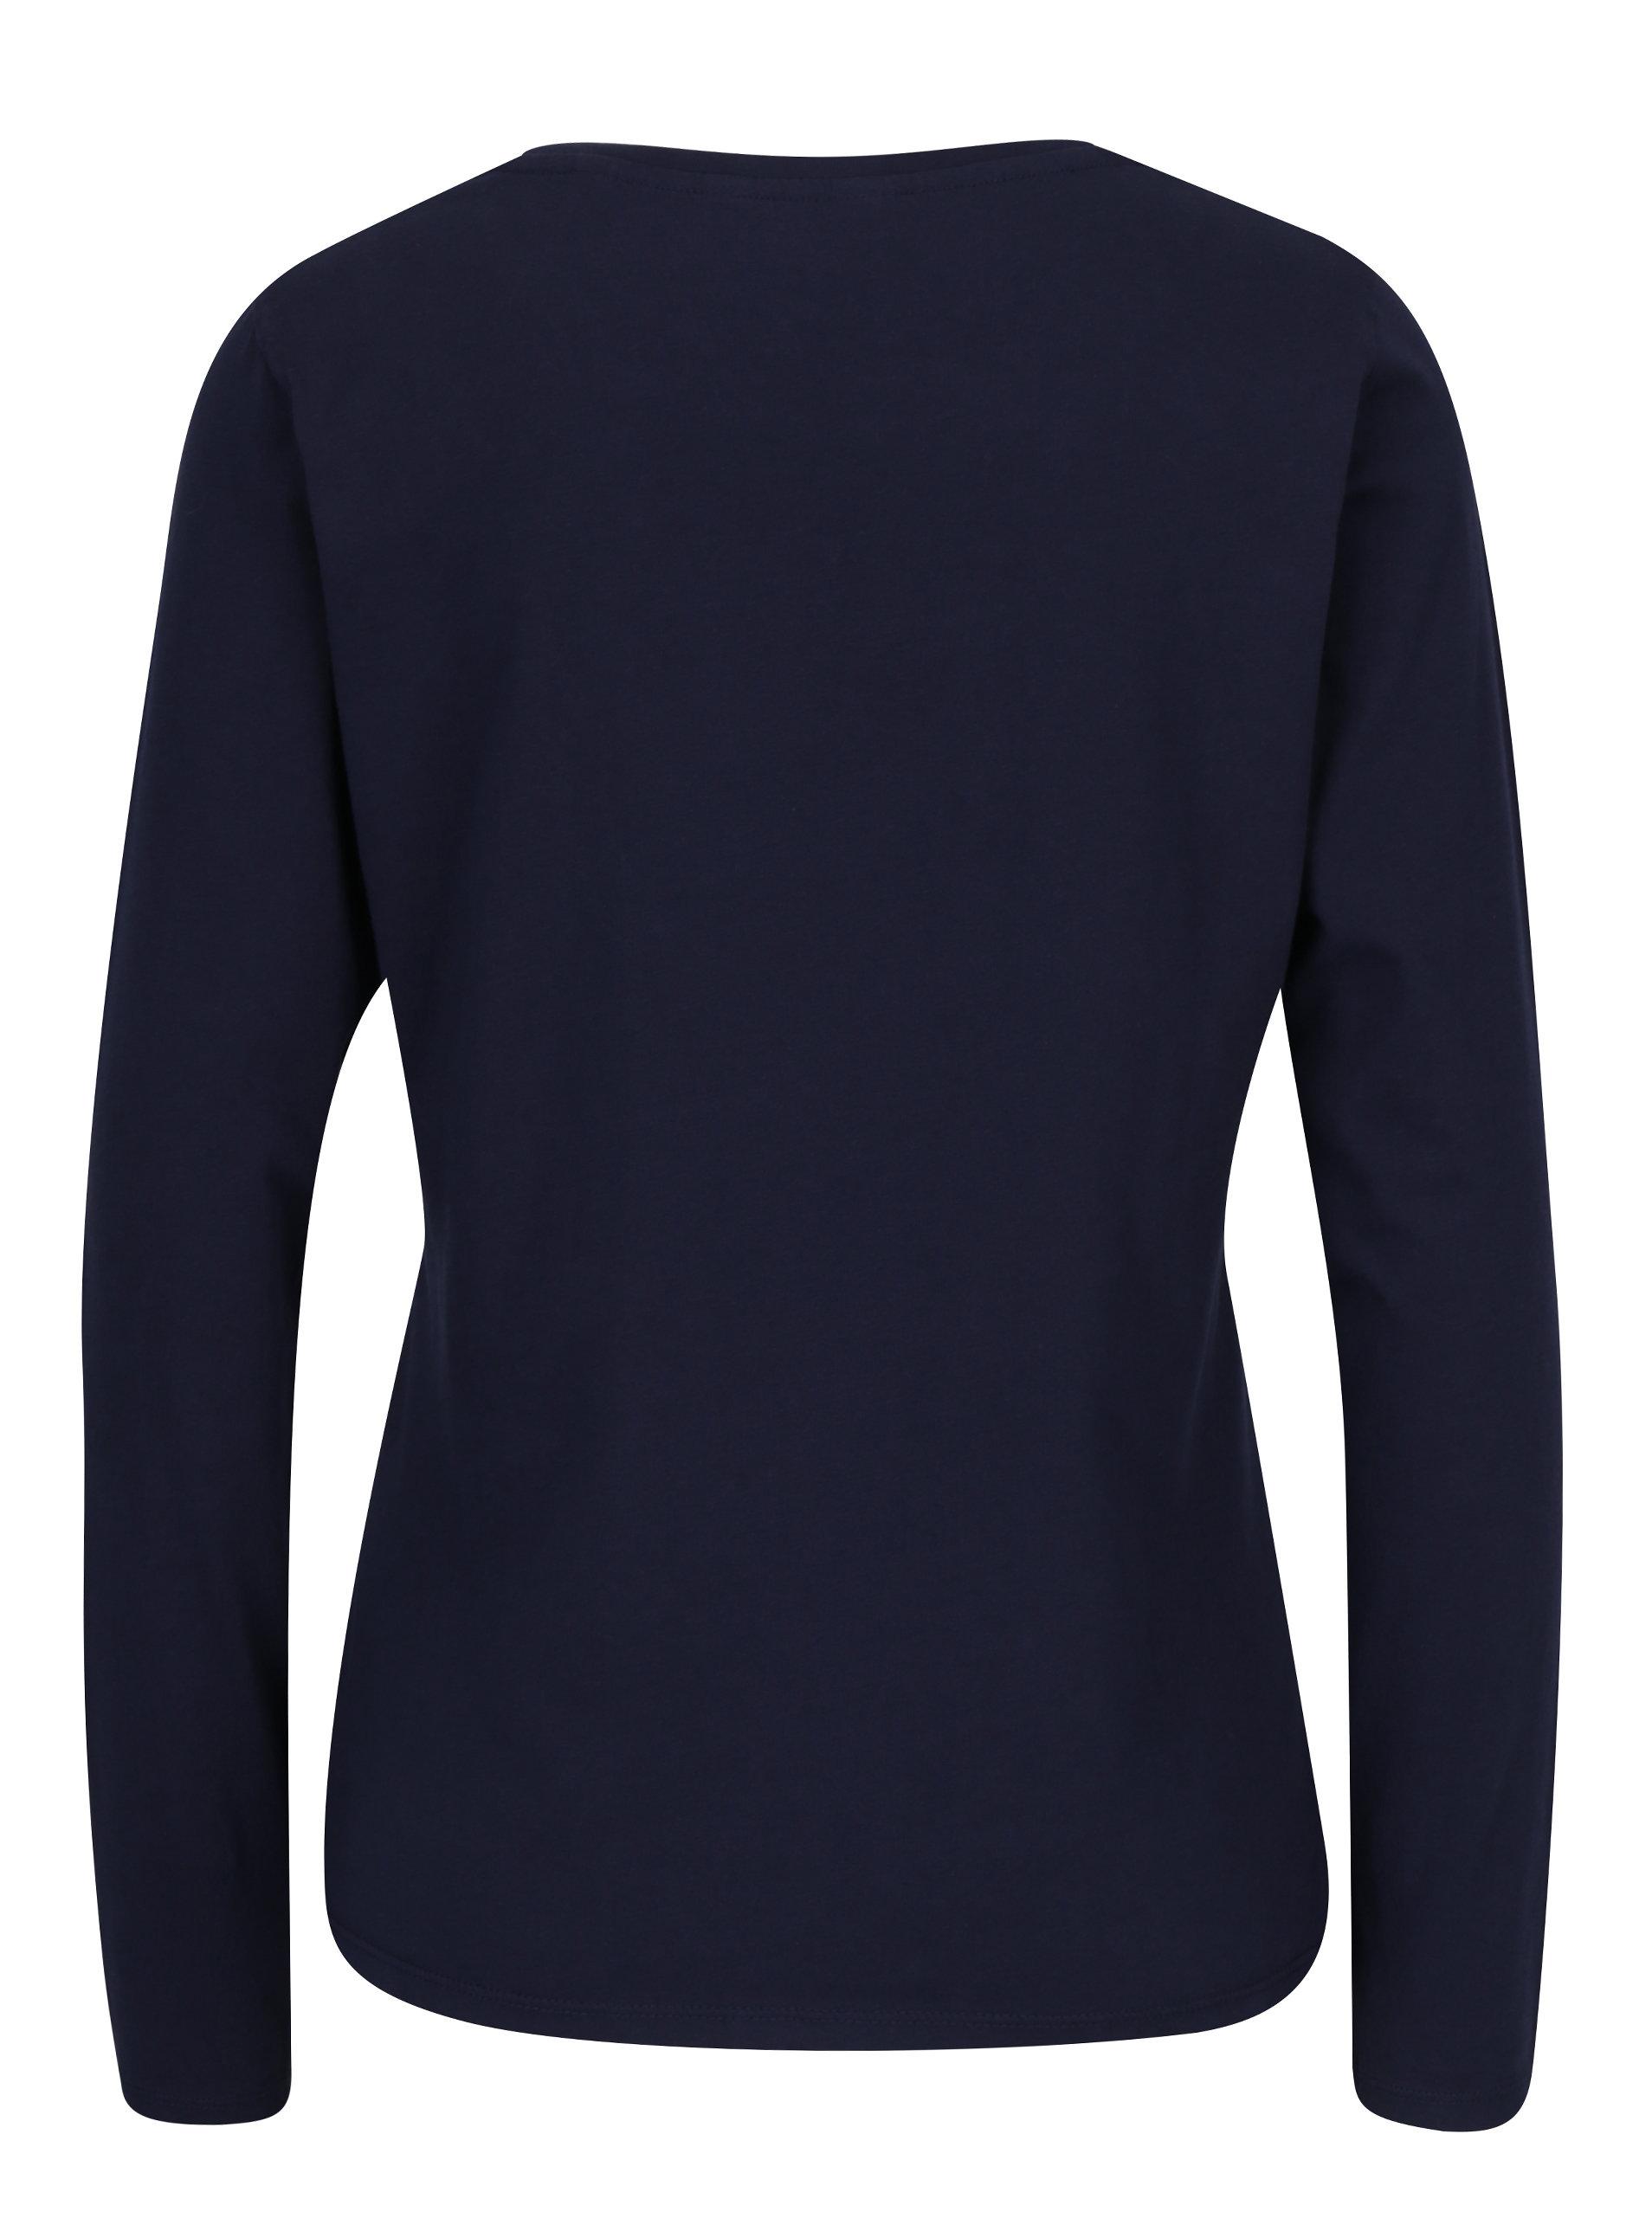 Tmavě modré dámské tričko s dlouhým rukávem a potiskem GANT ... 7f3441aba1